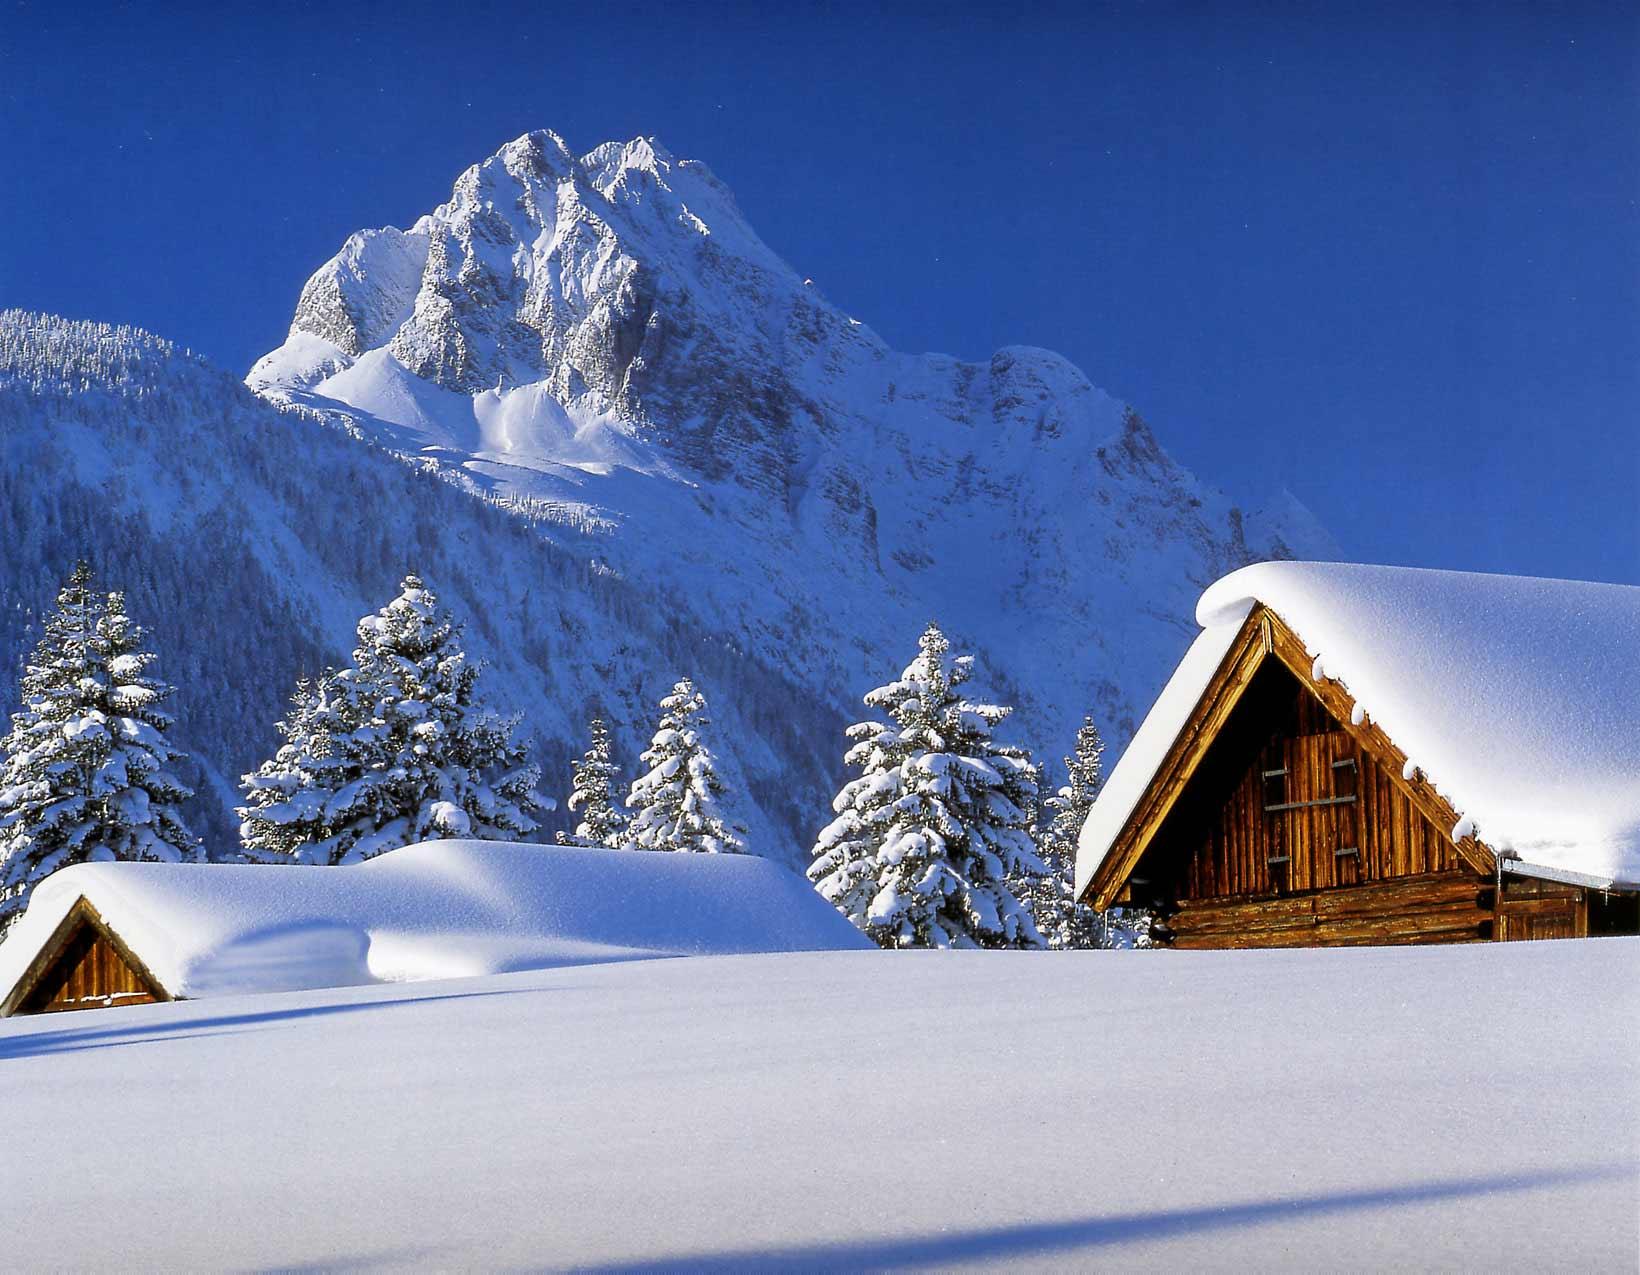 Wallpapers Christmas Winter Wallpapers Download Desktop 1640x1275